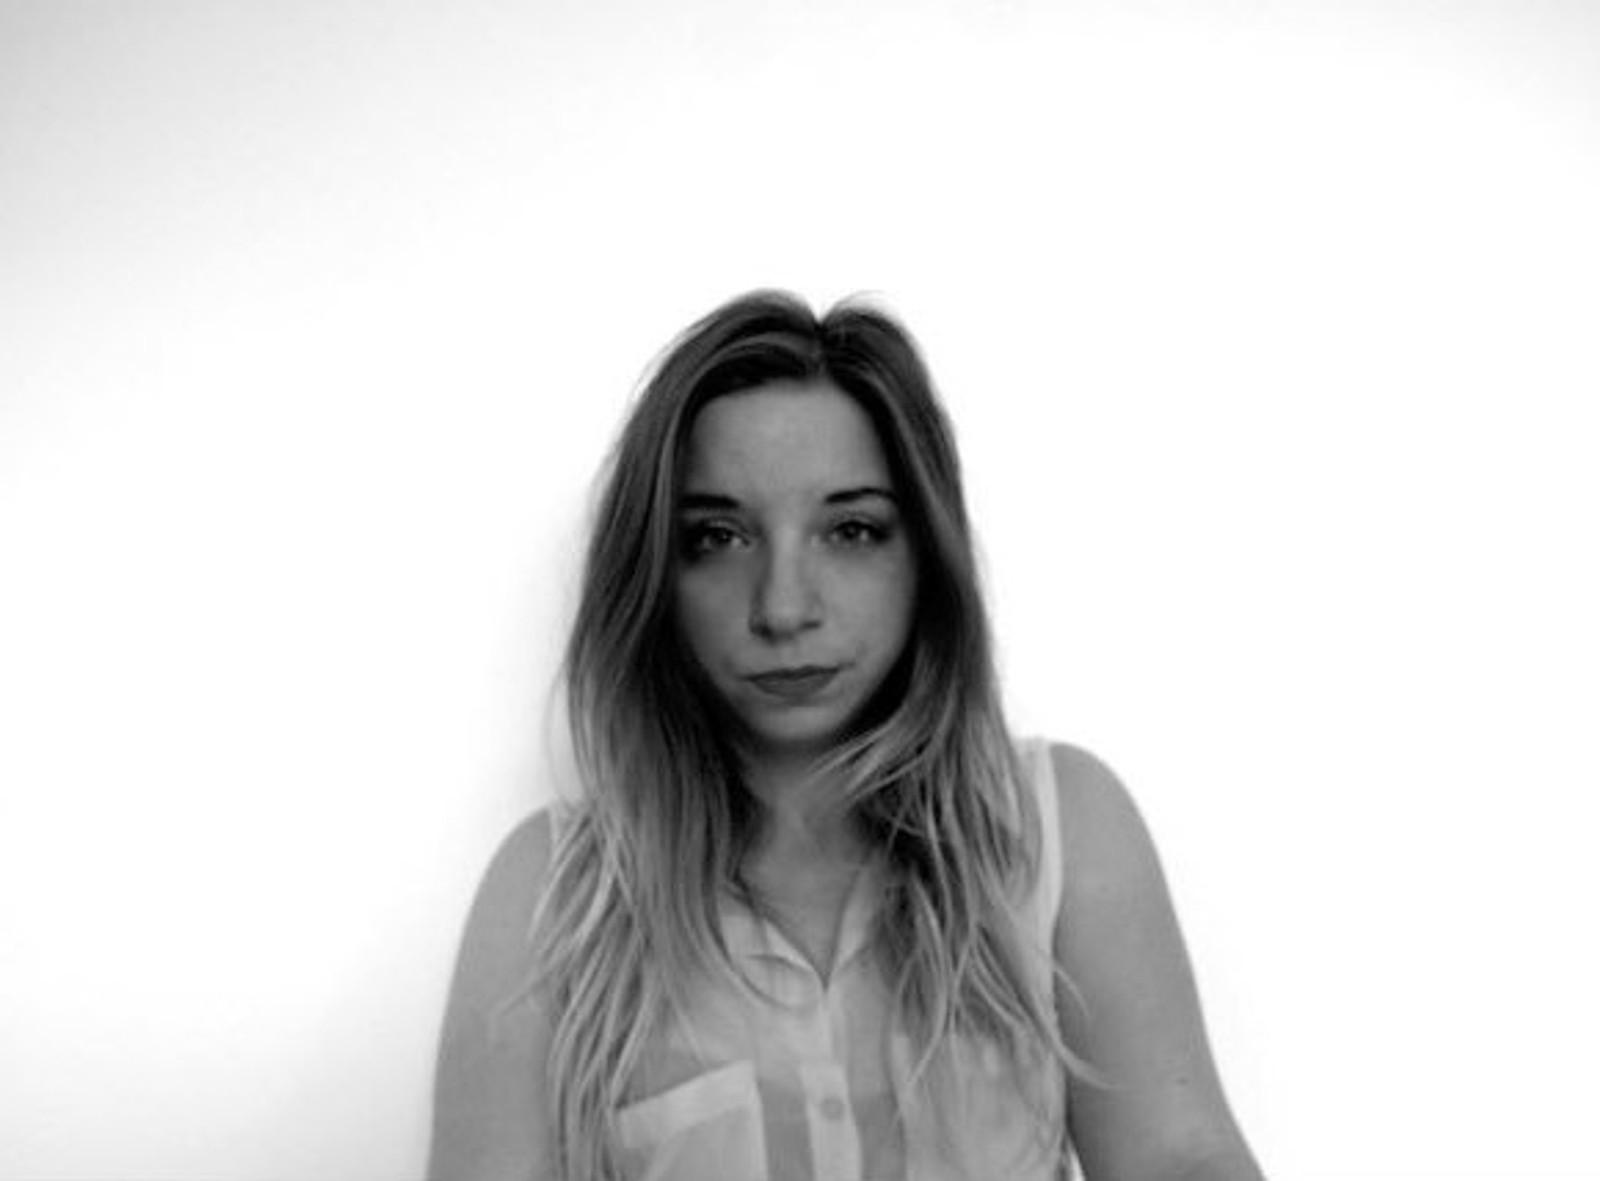 DREPT: Justine Moulin (23) studerte på økonomiskole i Paris. Hun spiste middag med venner på Le Petit Cambodge da hun ble truffet av skudd. Justine døde senere av skadene på sykehuset.